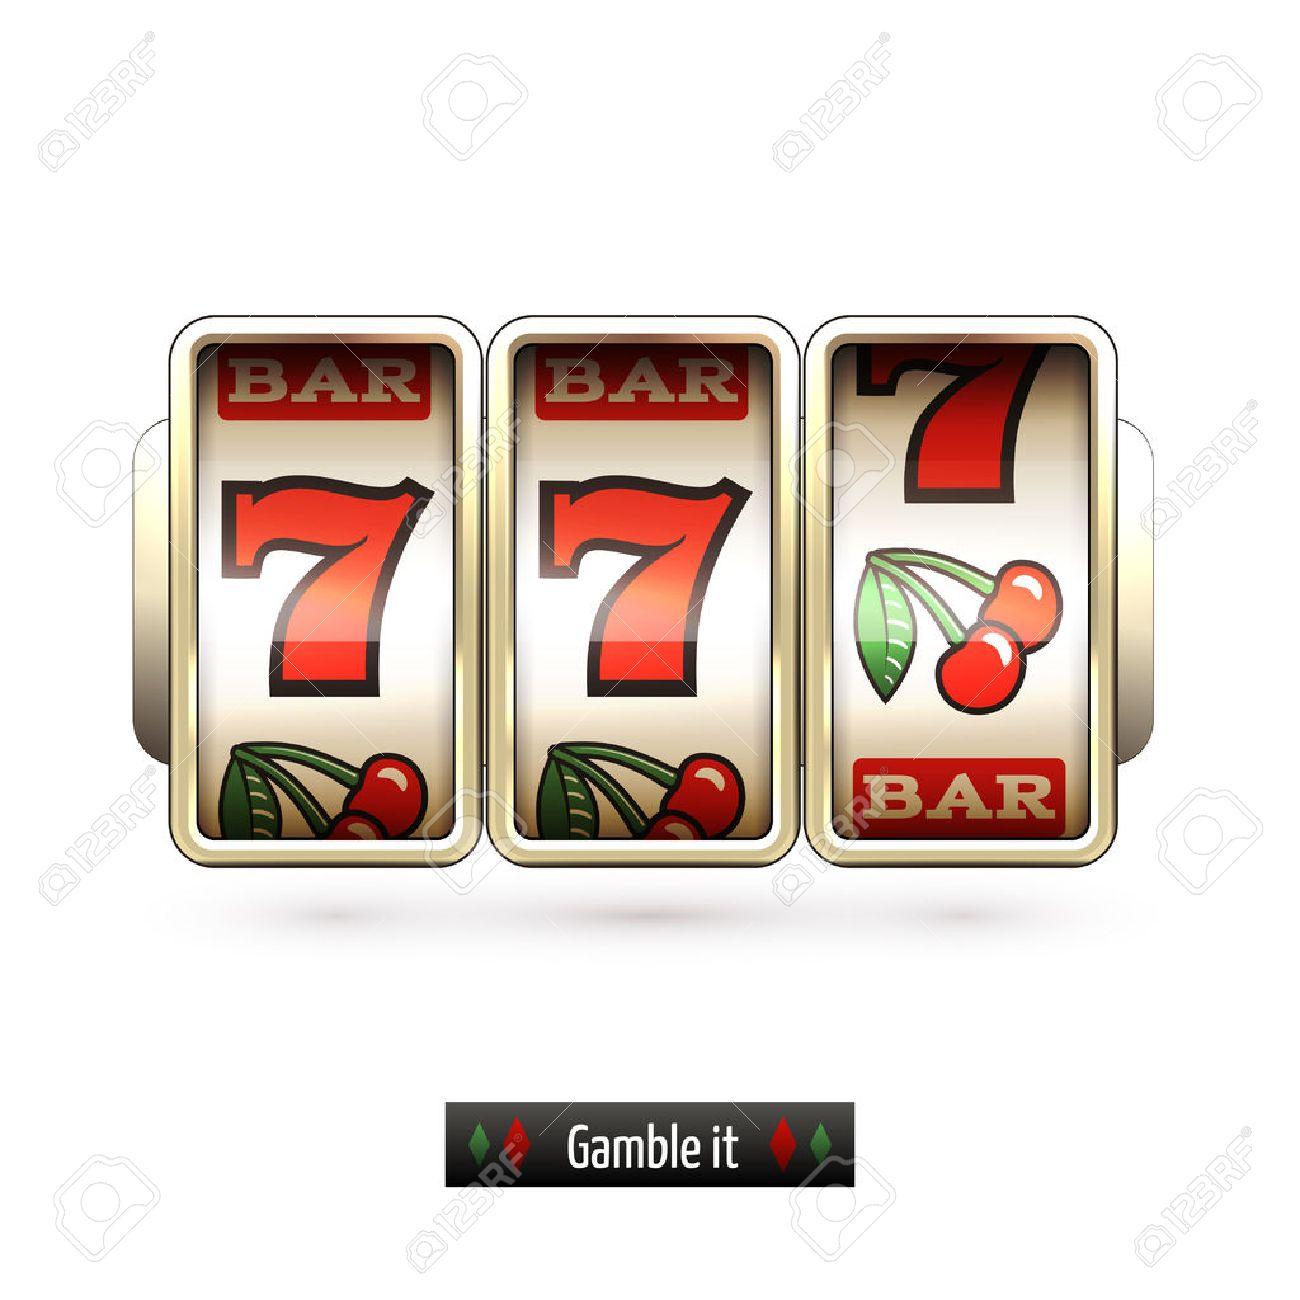 ゲーム ギャンブルのカジノのスロット マシン現実的に孤立した白い背景